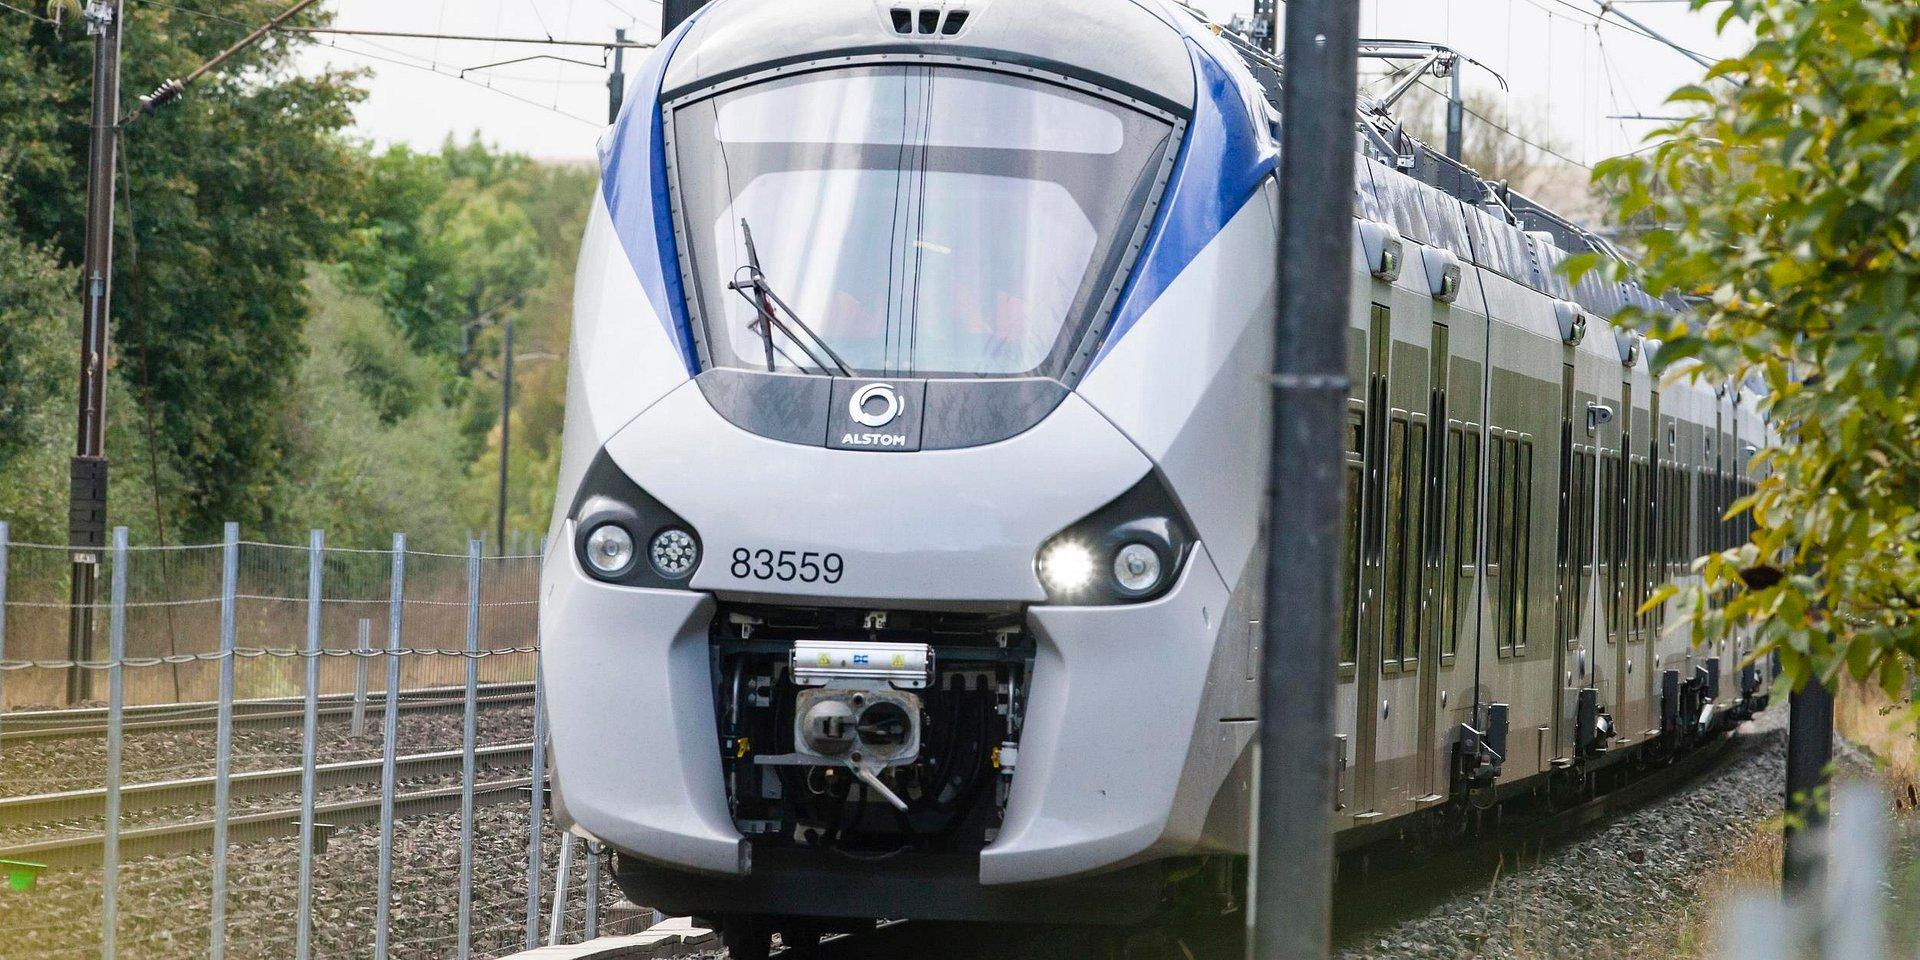 Alstom dostarczy 39 dodatkowych pociągów Coradia Polyvalent do regionu Grand Est, z czego 30 będzie kursować na linii transgranicznej łączącej Francję i Niemcy